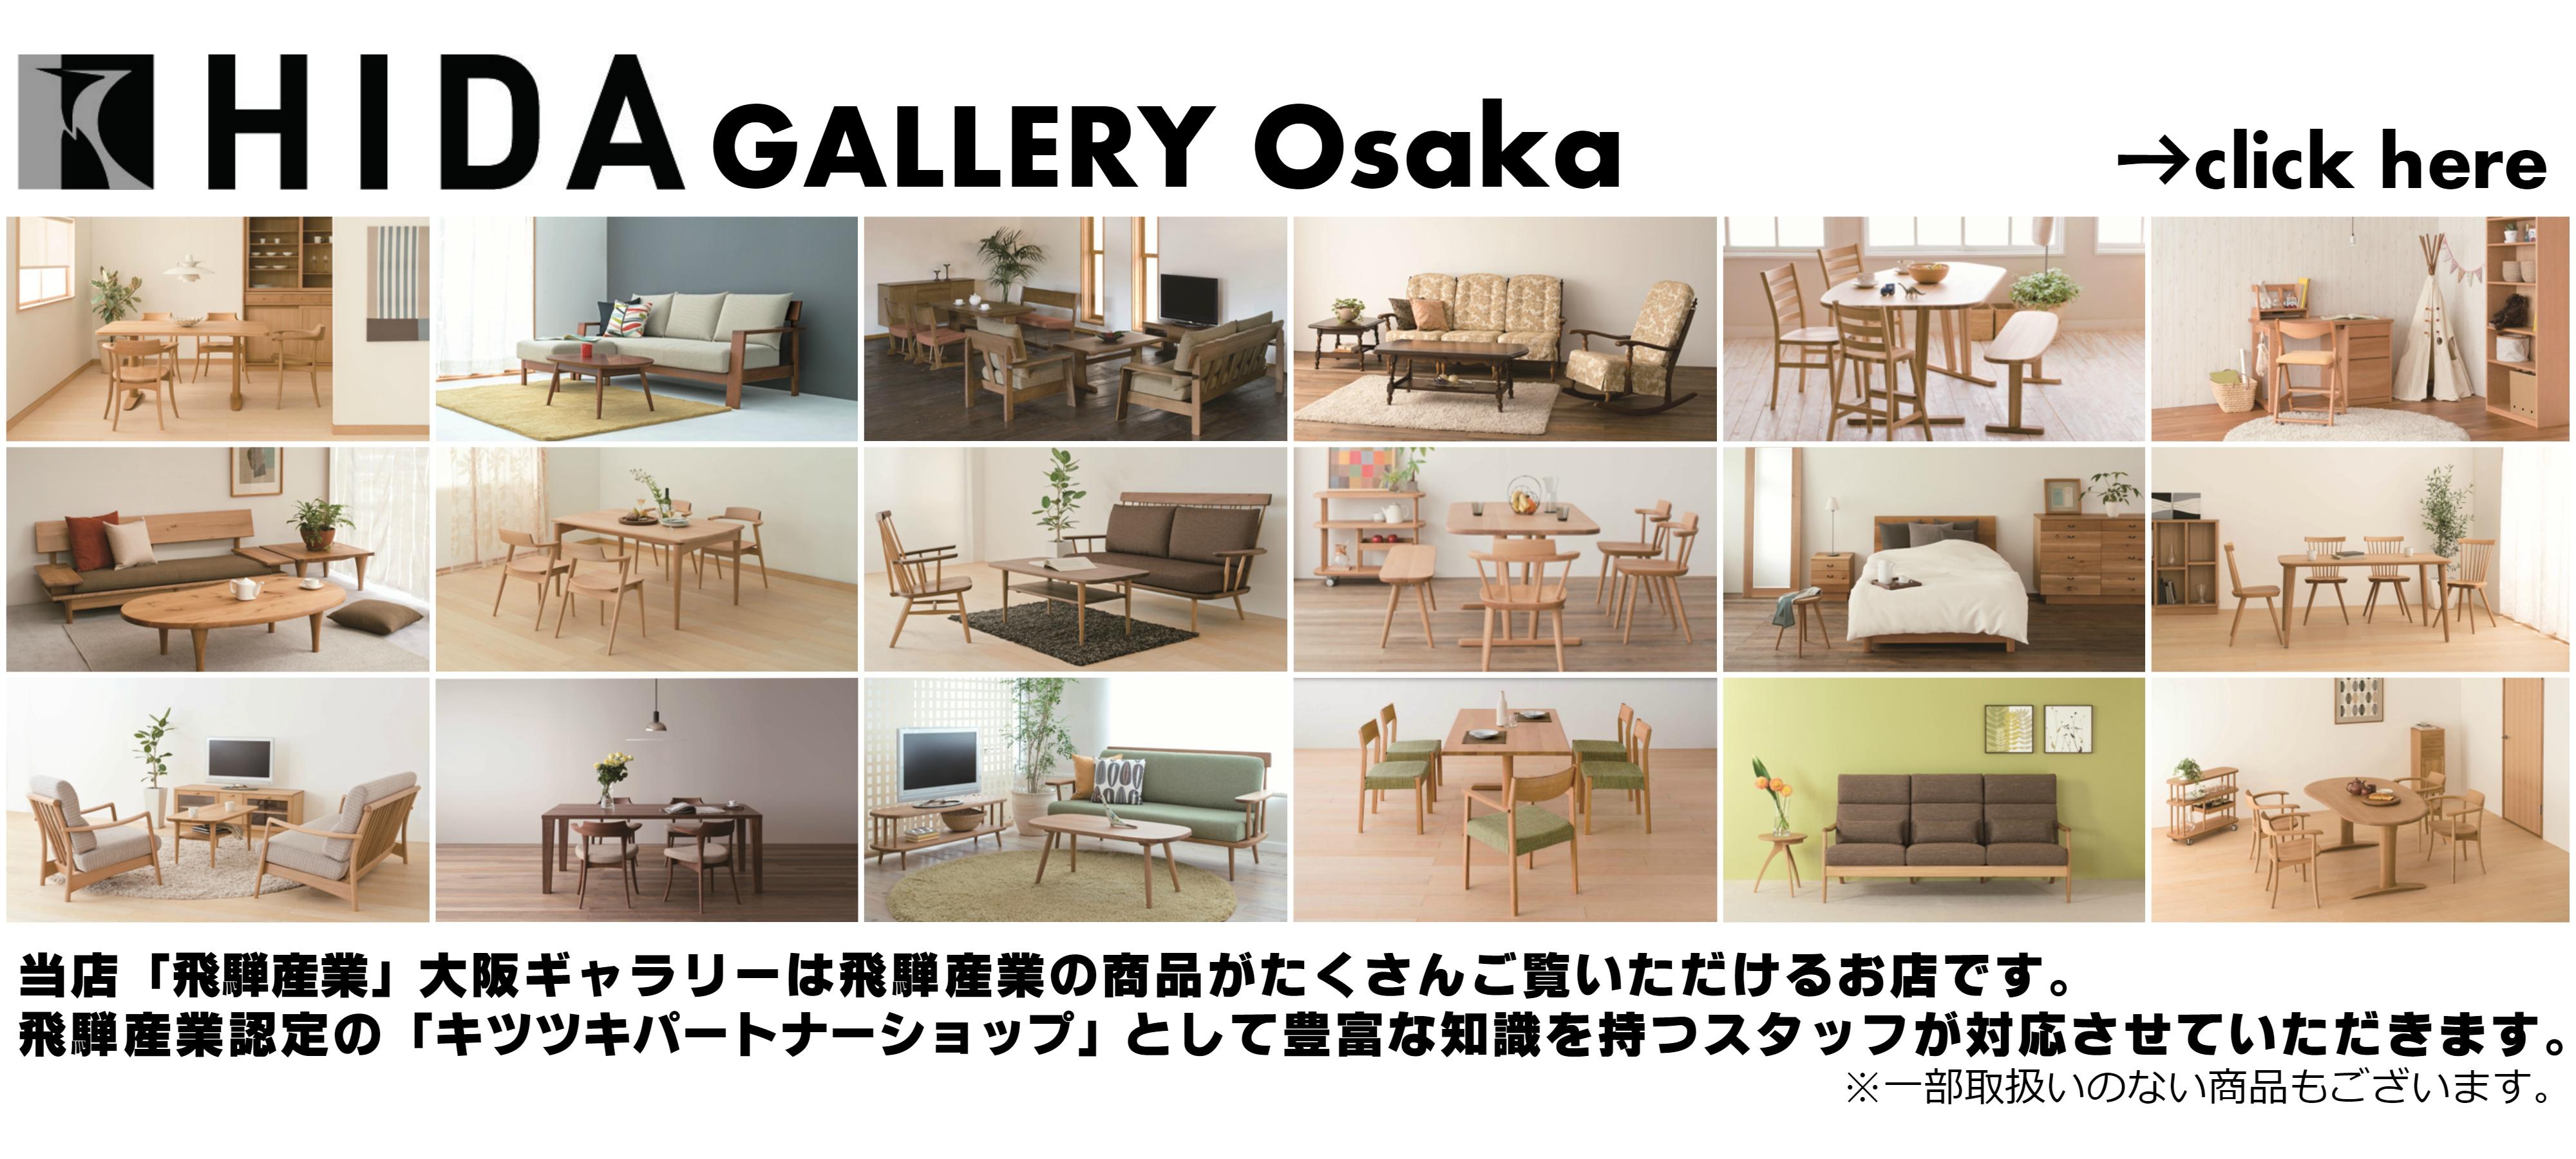 飛騨産業 ギャラリー大阪 ショールーム